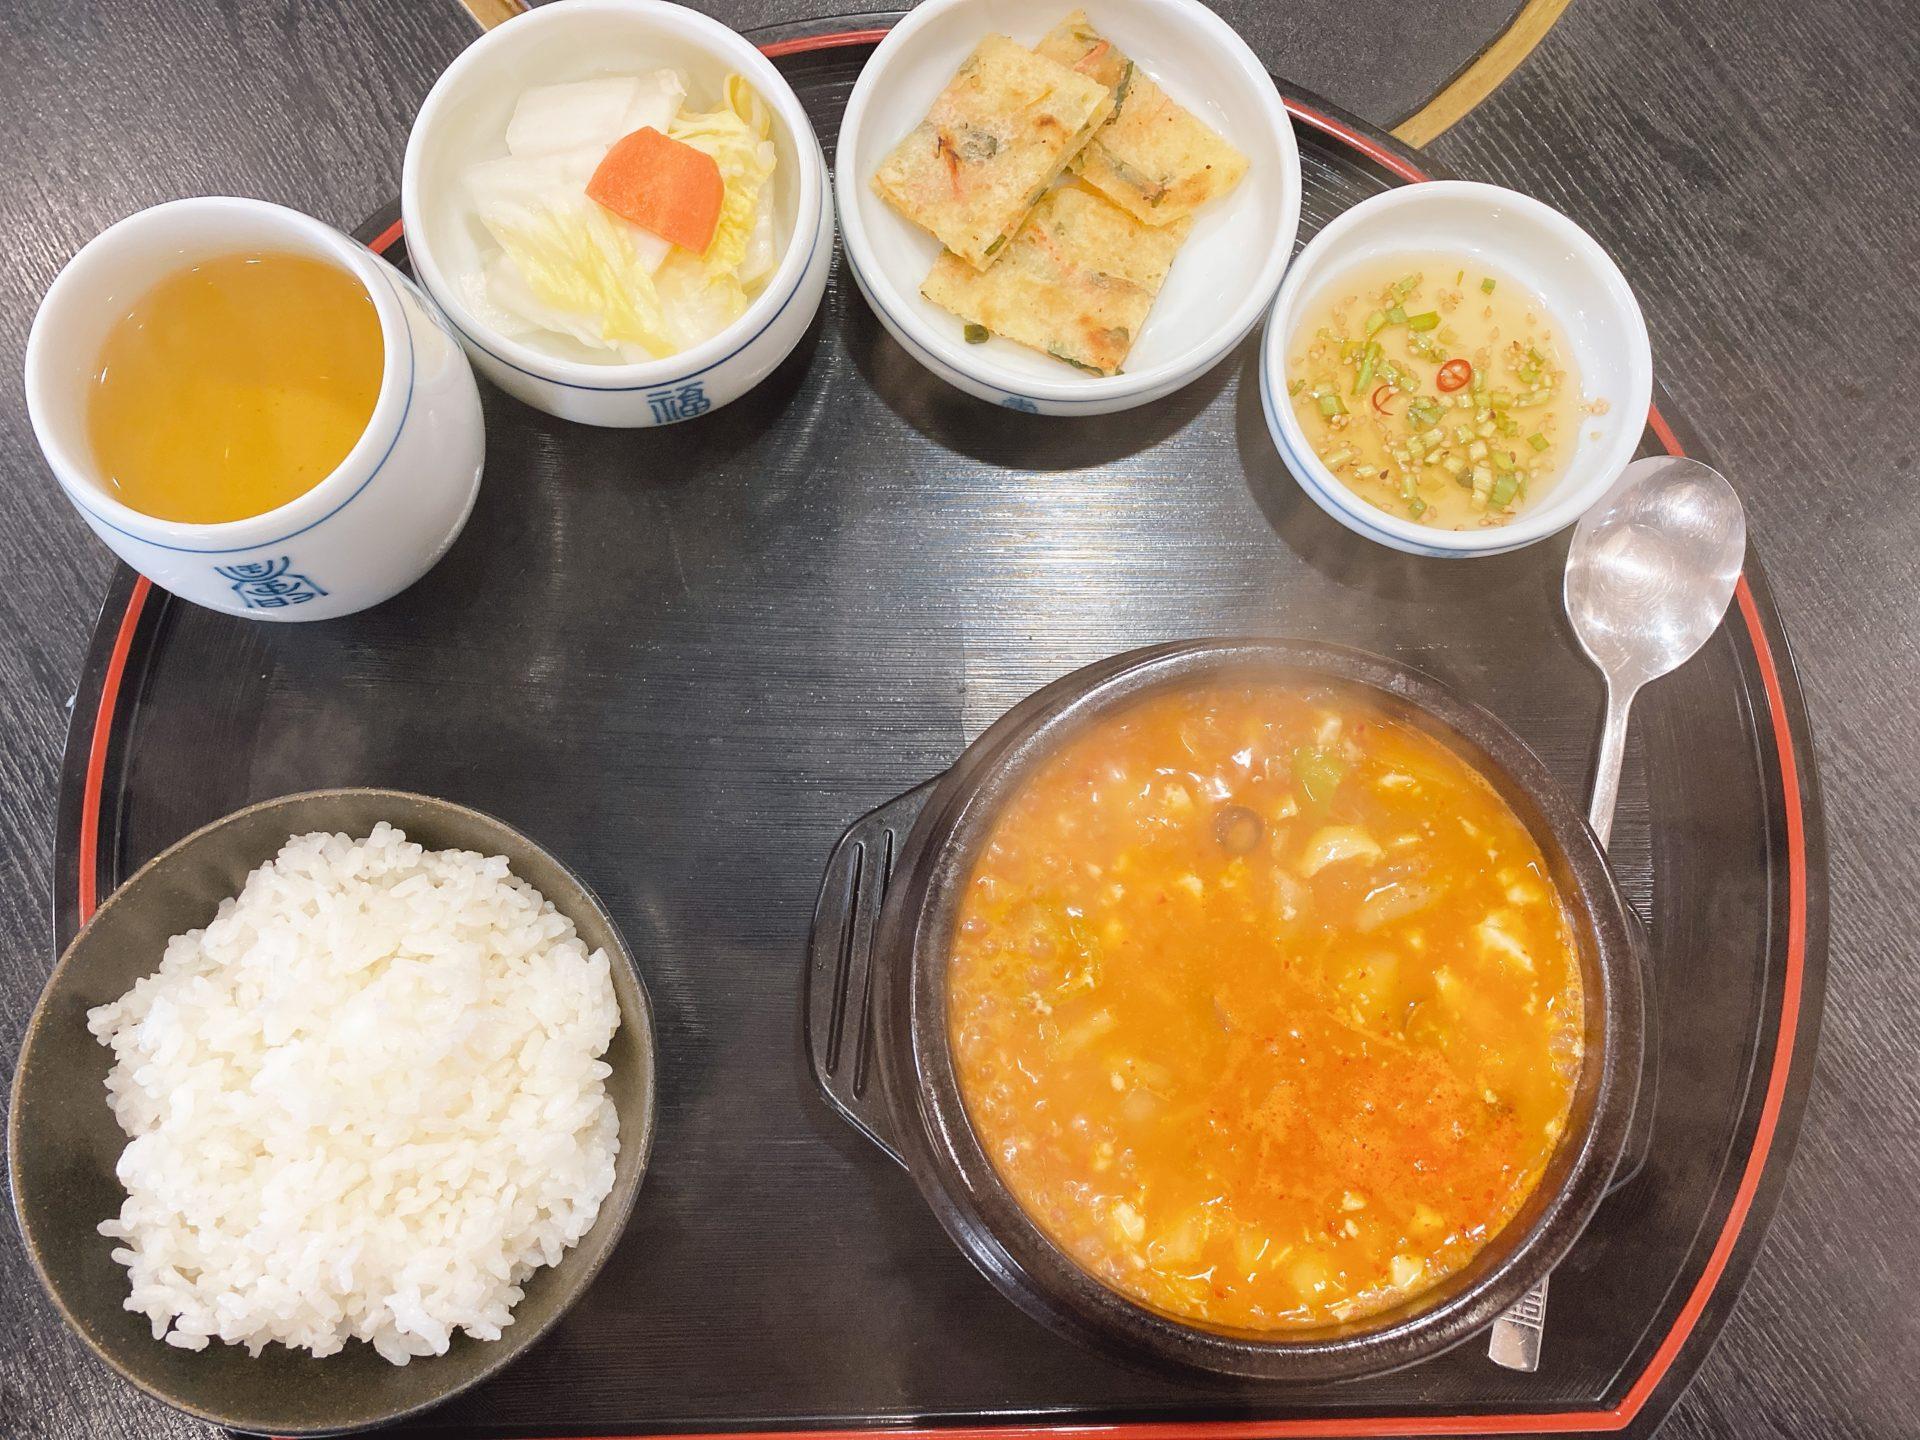 岡山ICから車で8分 韓国料理 佳牛味(COWMI カウミ)にて、スパイシーで熱々のスンドゥブチゲ定食が、冷えた体を芯から温める